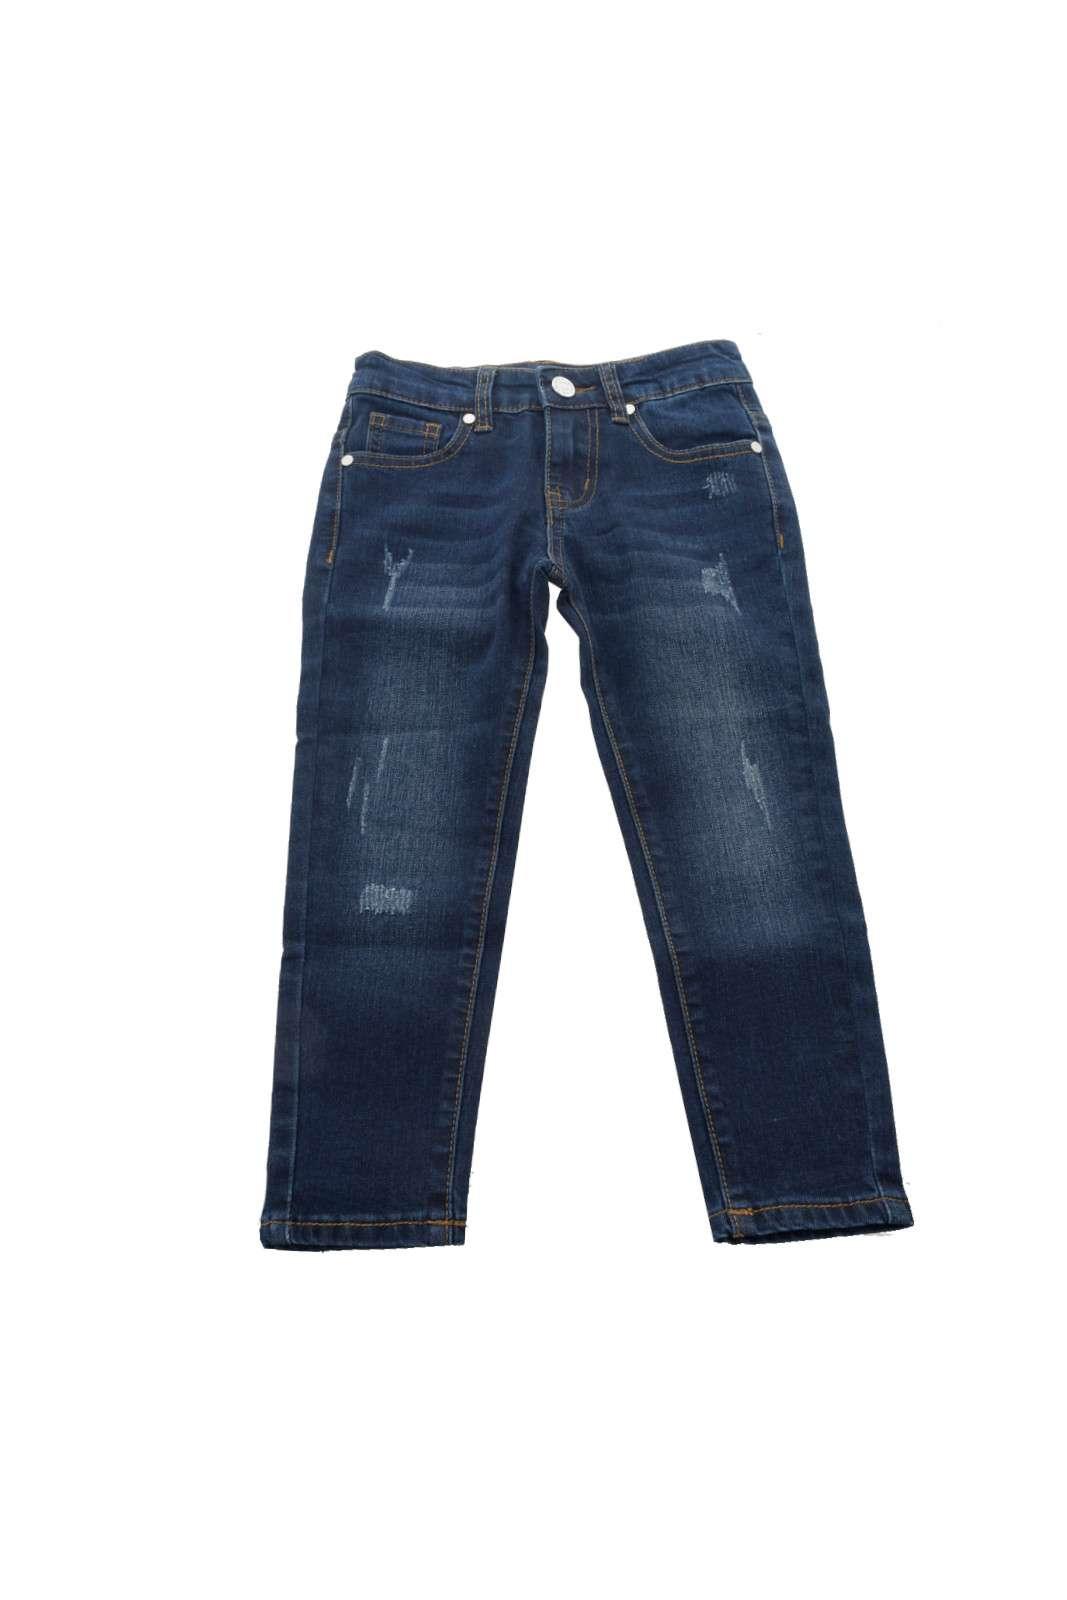 Un must have per ogni bambino questo jeans firmato Silvian Heach. Versatile da abbinare a una semplice t-shirt per un look casual o a una camicetta per un look più elegante, si presta a qualsiasi tipo di outfit e per diverse occasioni.